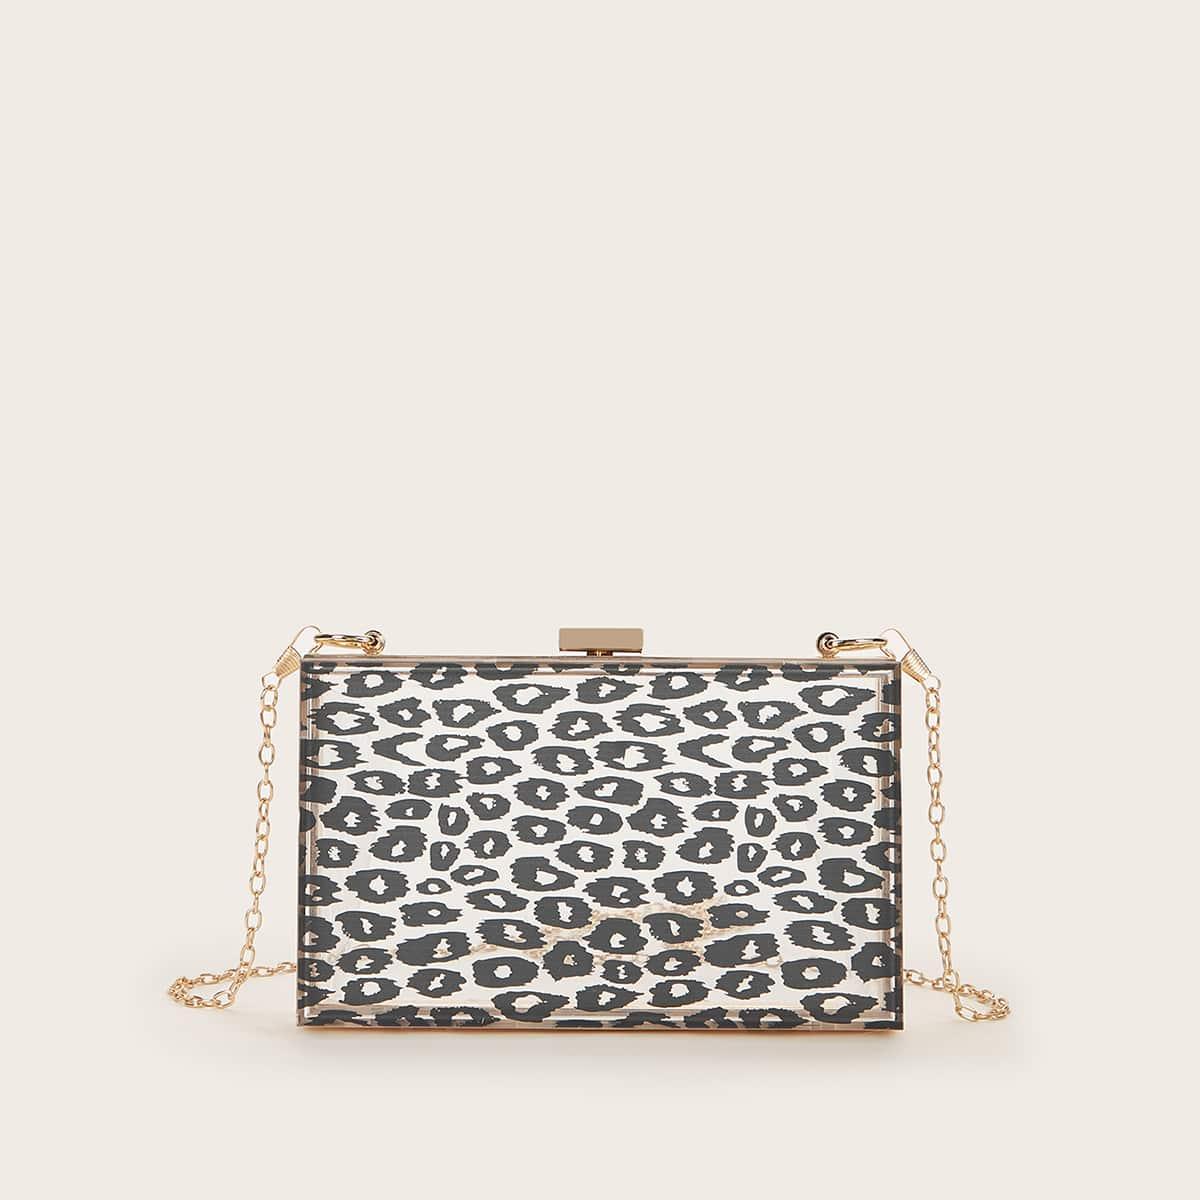 Прозрачная сумка-клатч на цепочке с леопардовым принтом